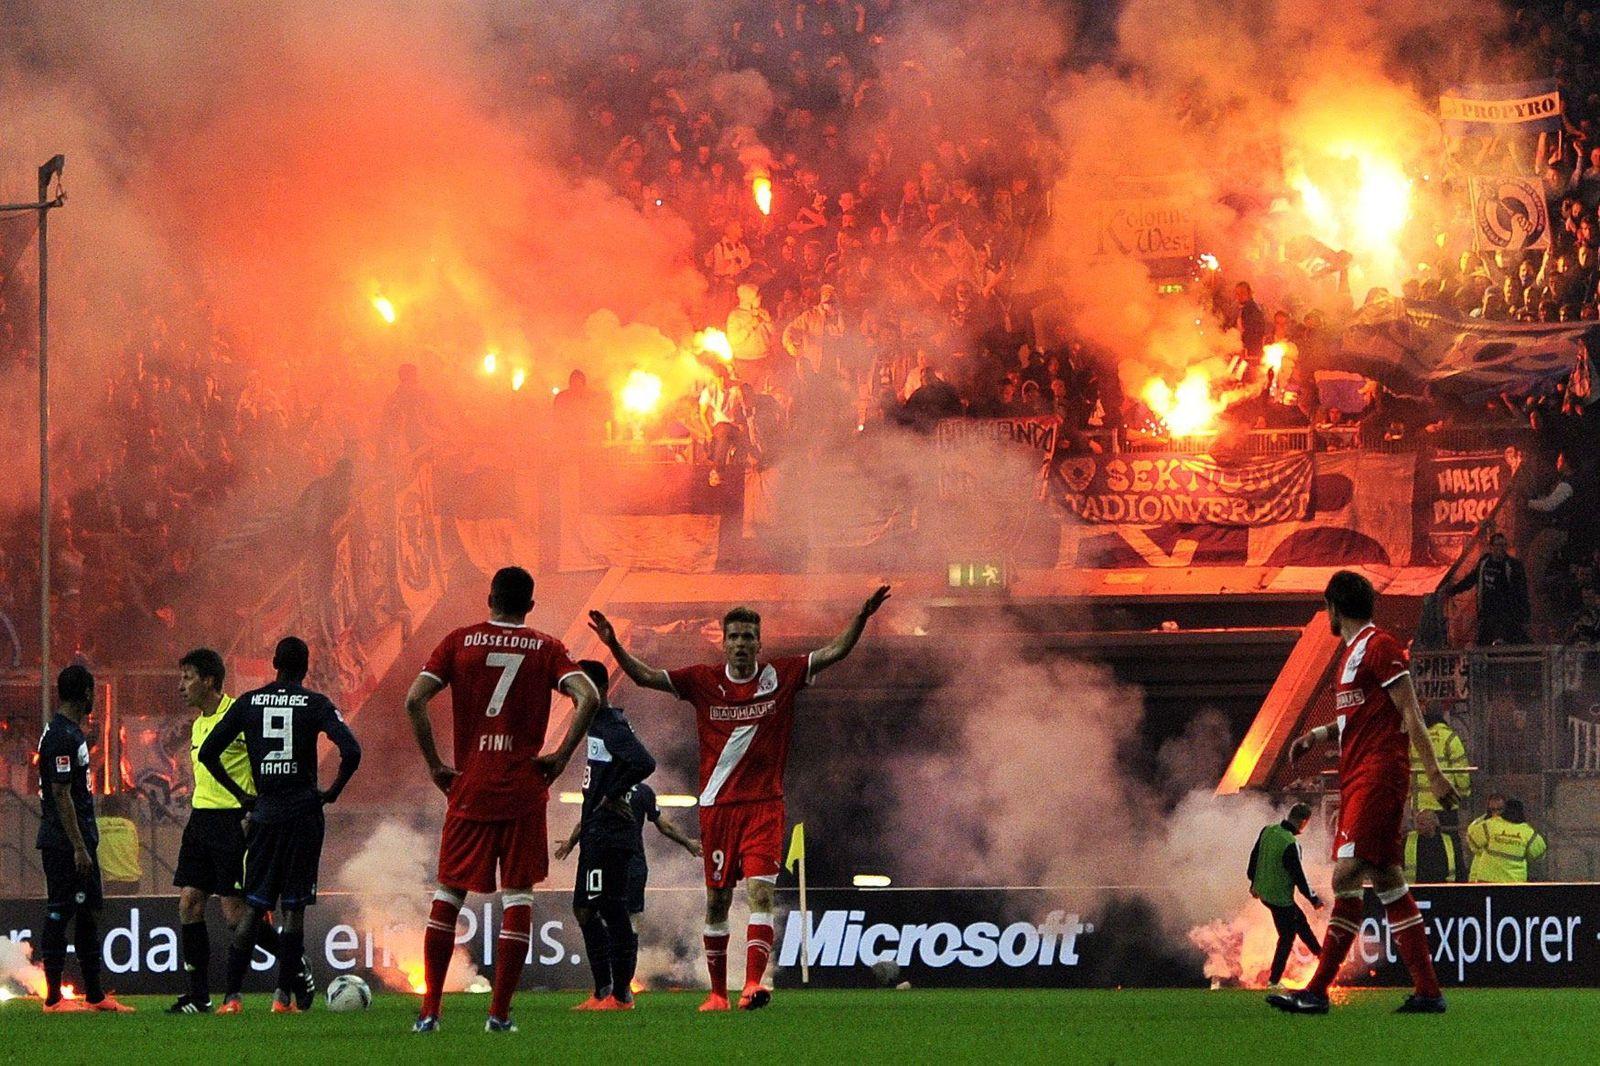 Spannung vor DFB-Urteil zum Düsseldorfer Skandalspiel